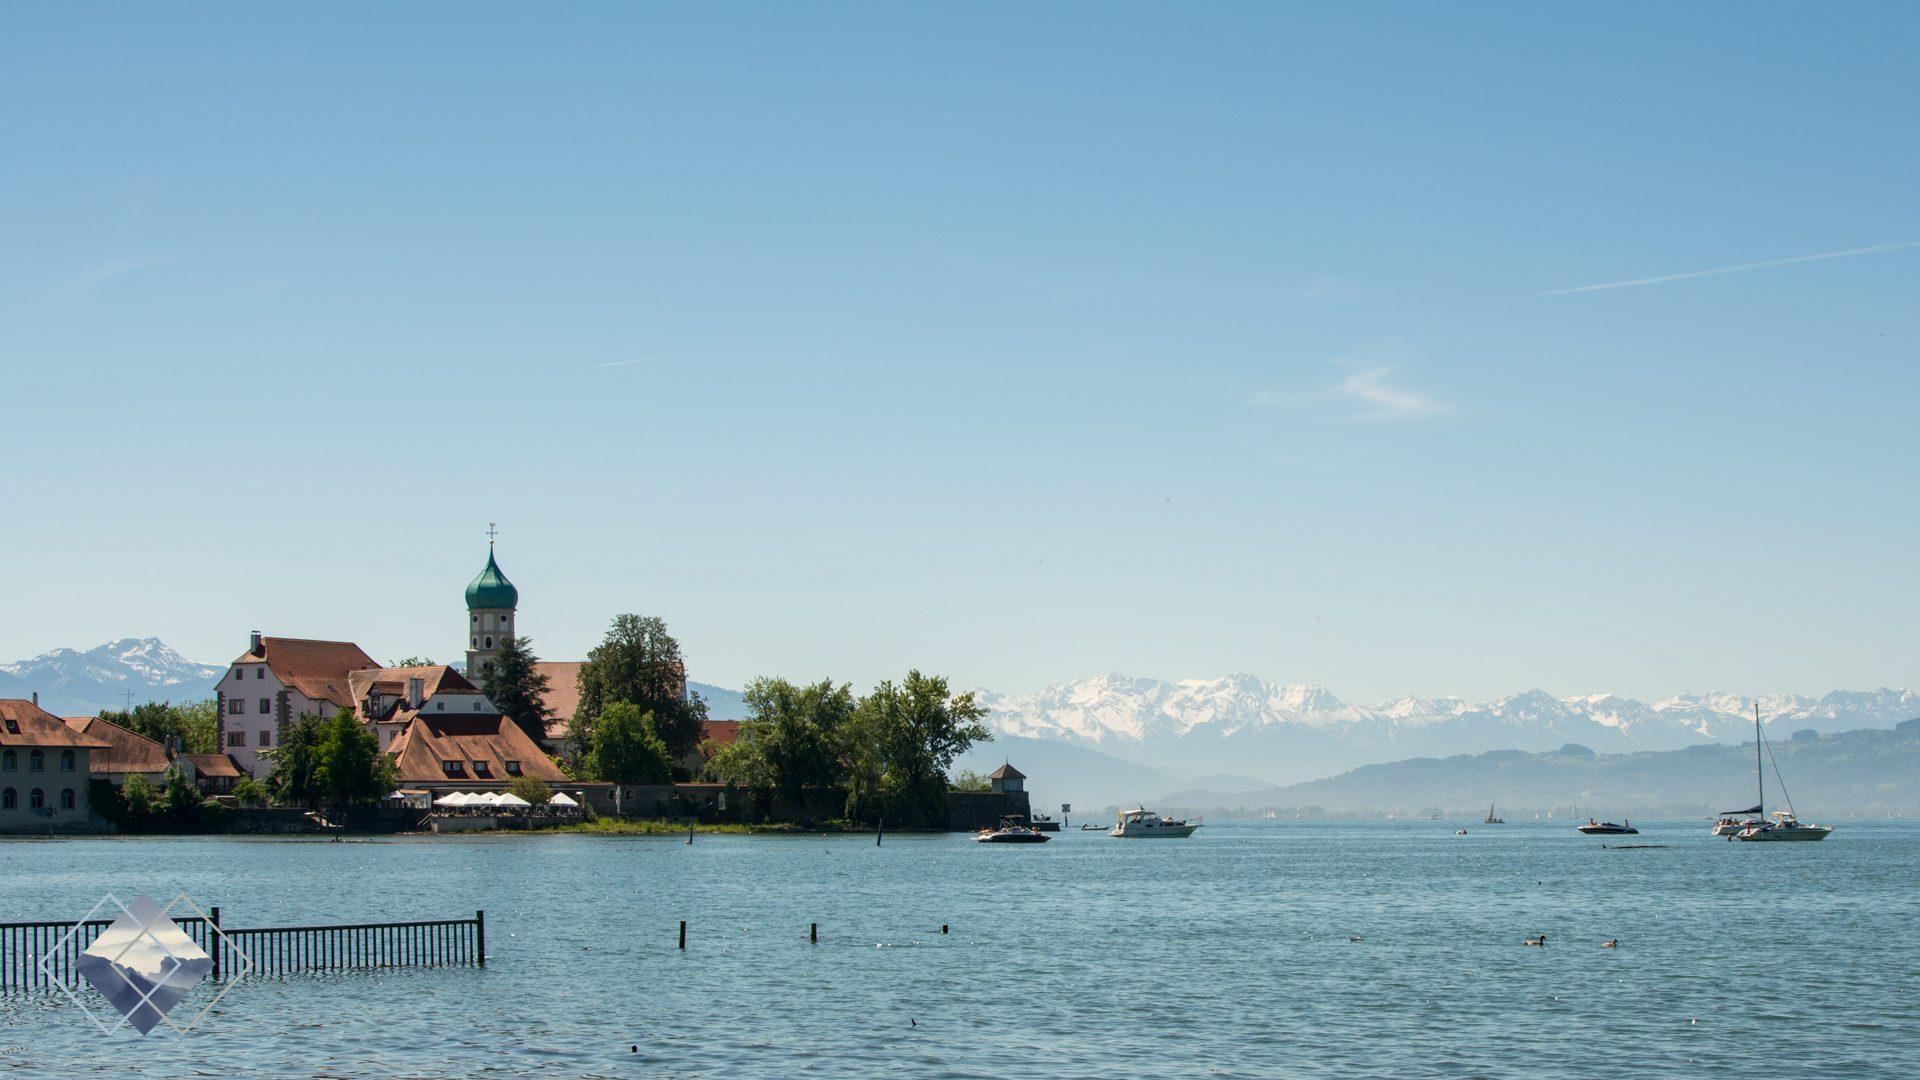 Blick auf den Bodensee bei Nonnenhorn